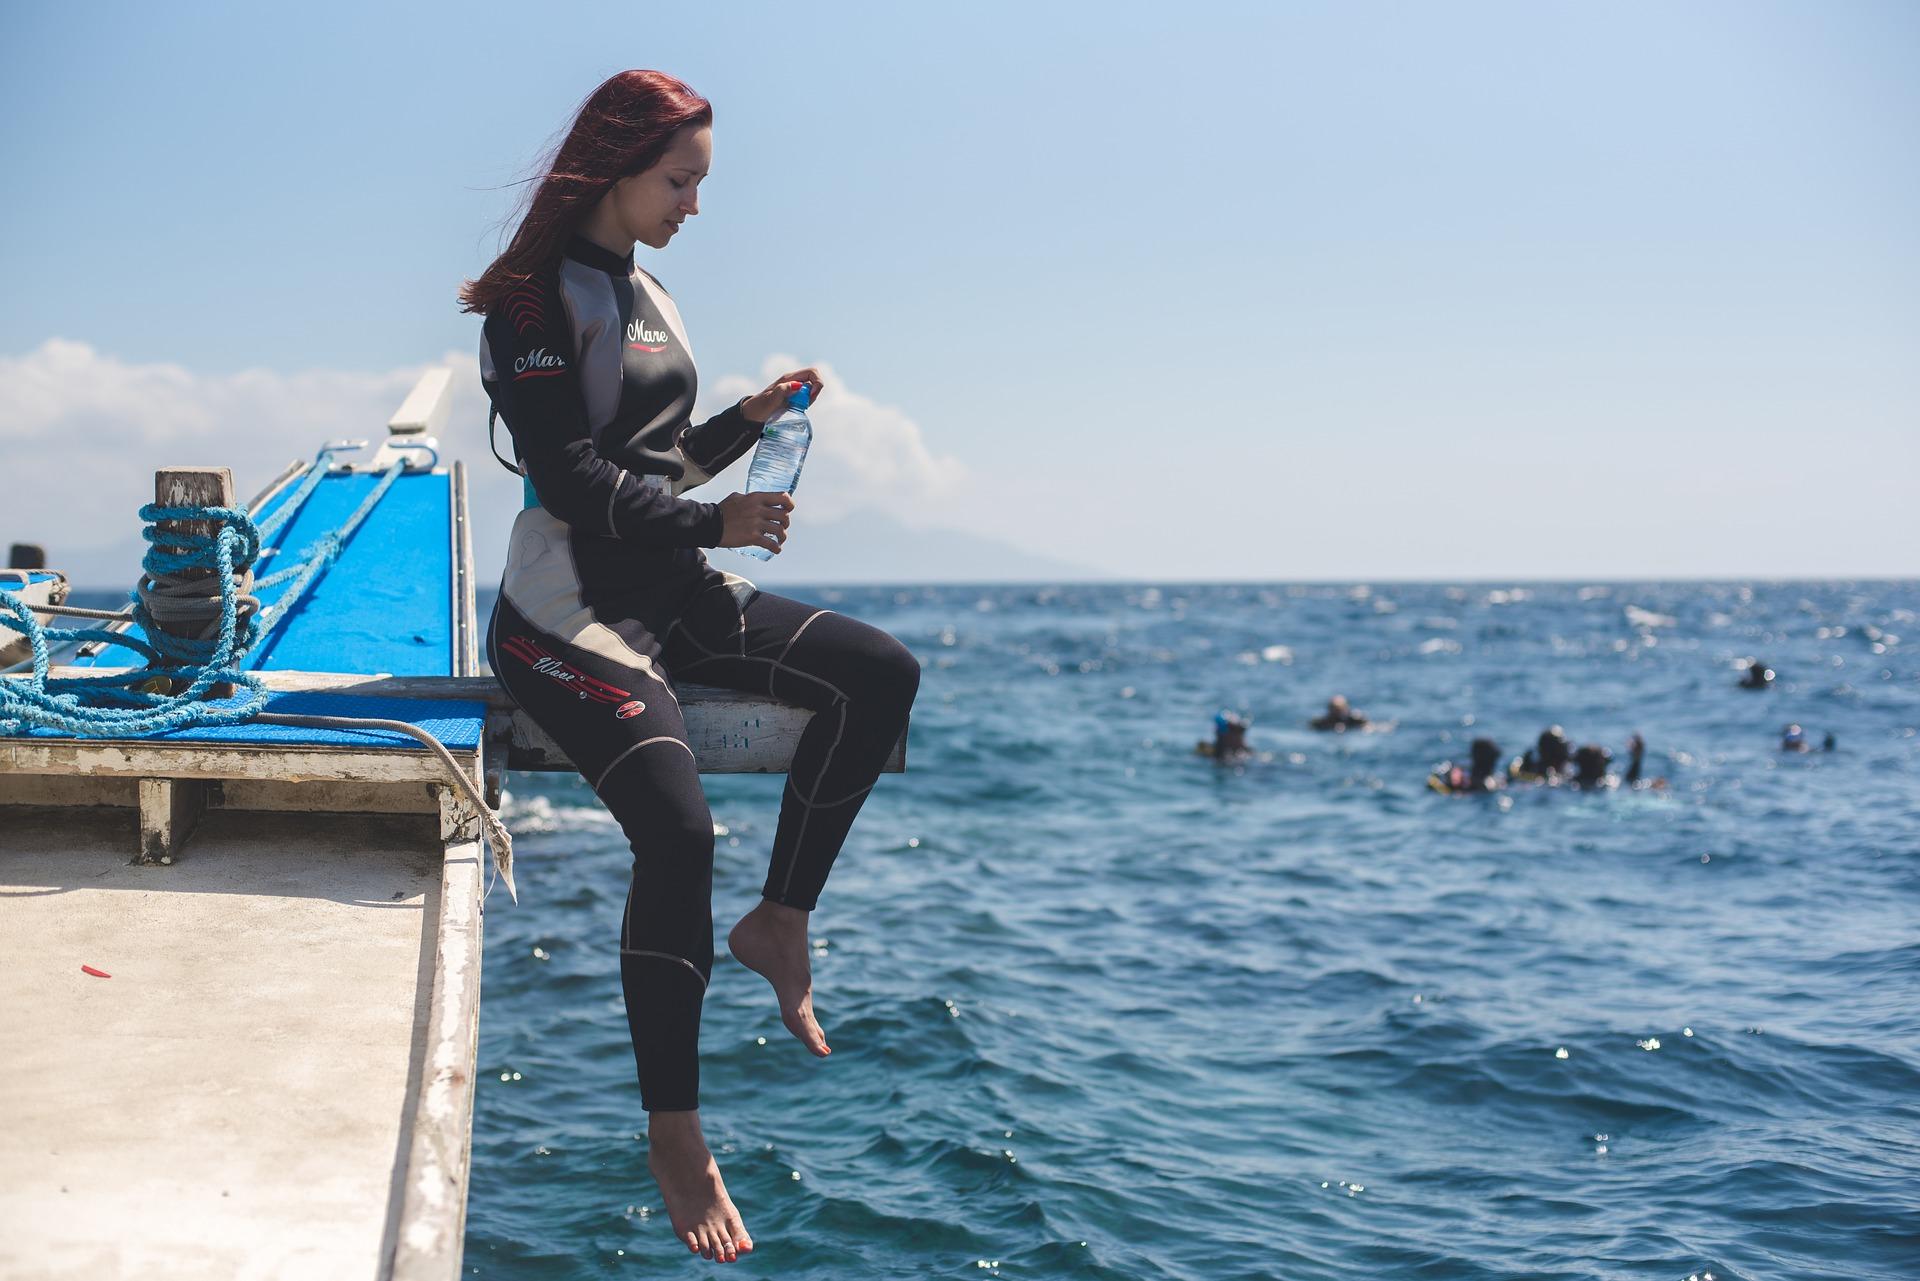 Imagem mostra uma mulher, usando roupa de mergulho, sentada no deck de um barco sobre o mar. Ao fundo, é possível enxergar um grupo de mergulhadores na superfície da água.